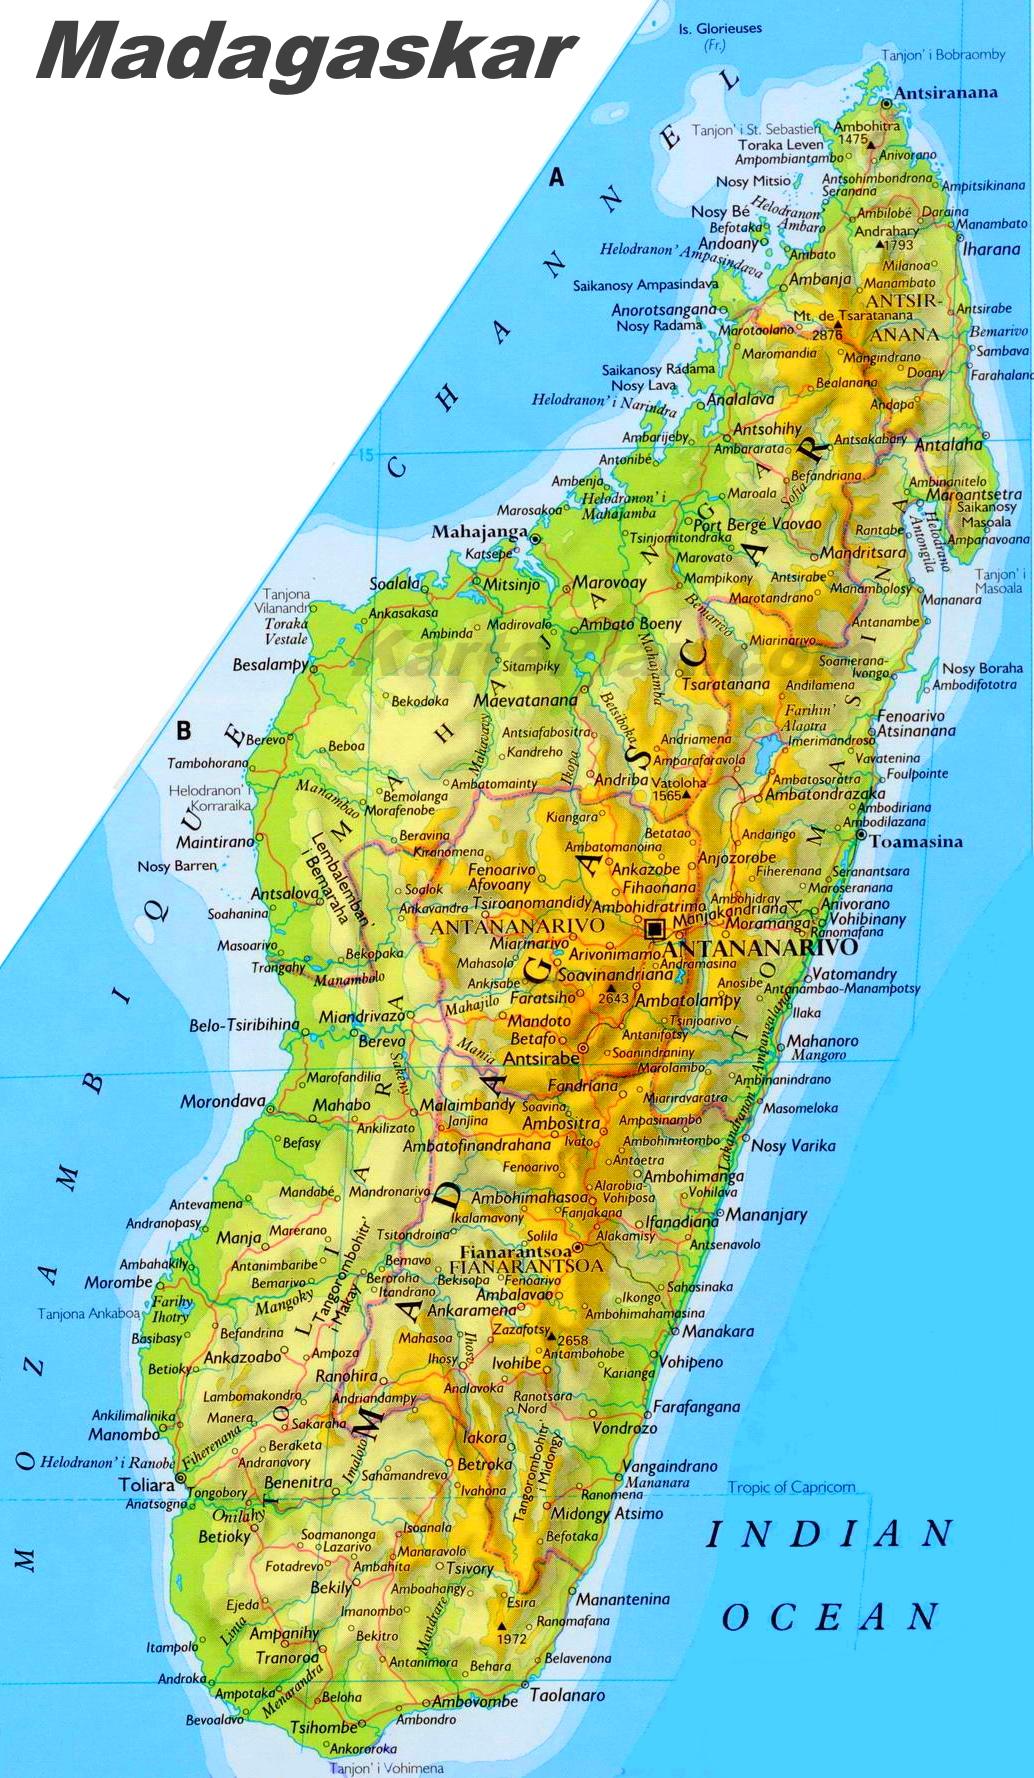 Madagaskar Karte.Grosse Detaillierte Karte Von Madagaskar